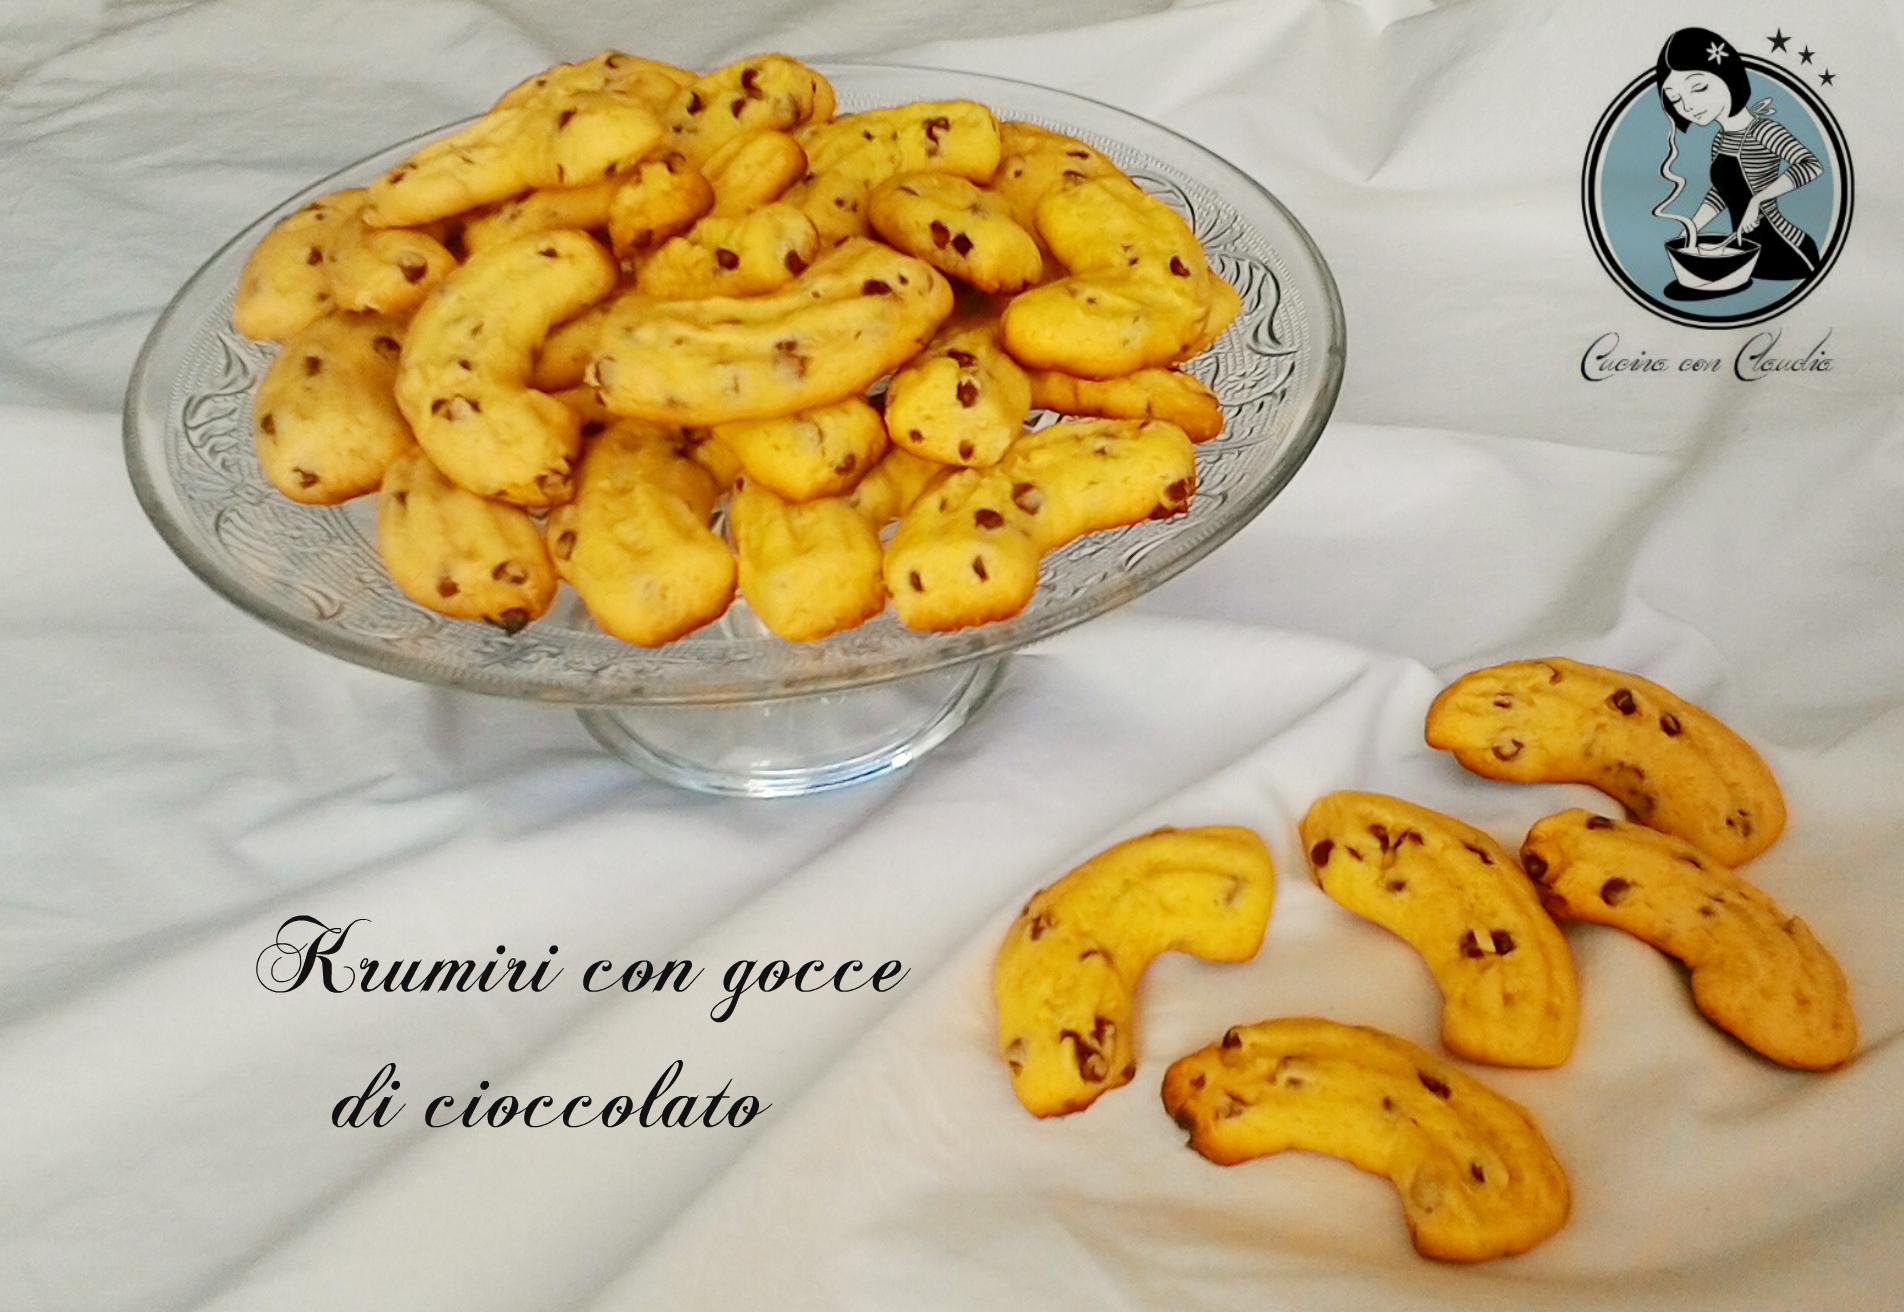 Ricetta Krumiri Con Gocce Di Cioccolato.Krumiri Con Gocce Di Cioccolato Cucina Con Claudia